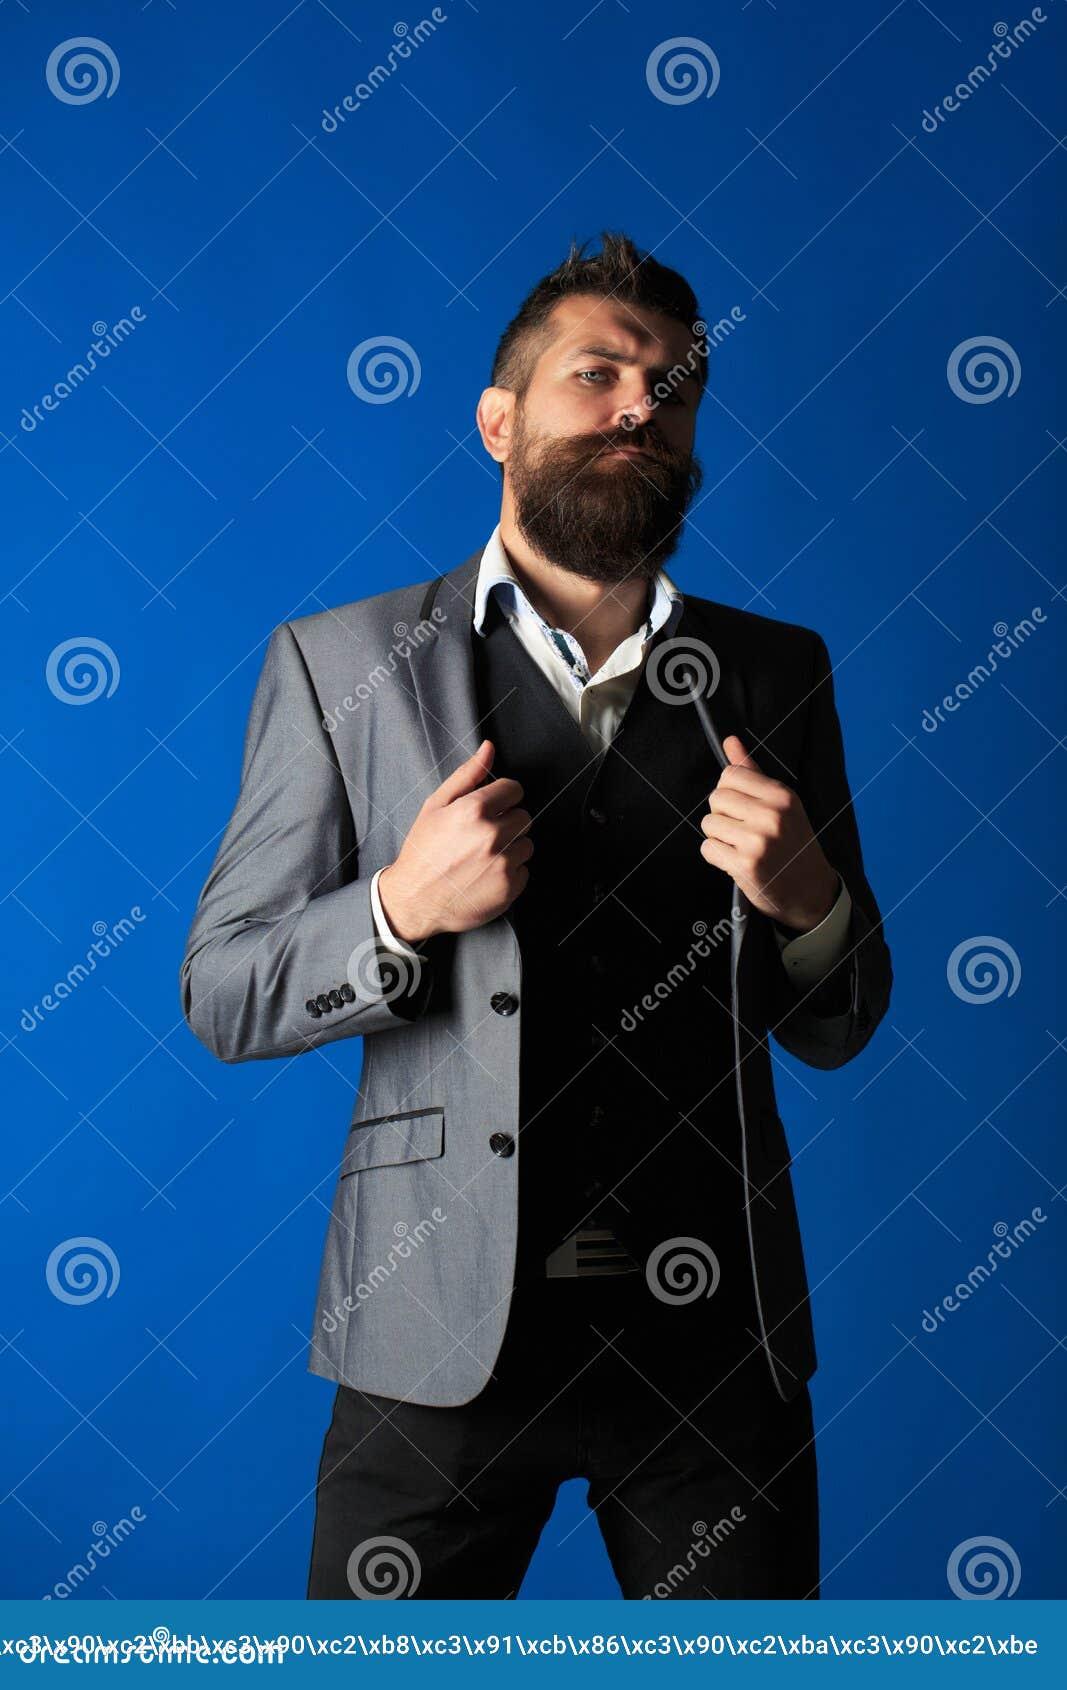 Mandräkt Modern affärsman Man i dräkter Stilig skäggig affärsman i klassisk dräkt Stilfull man i ett torkdukeomslag